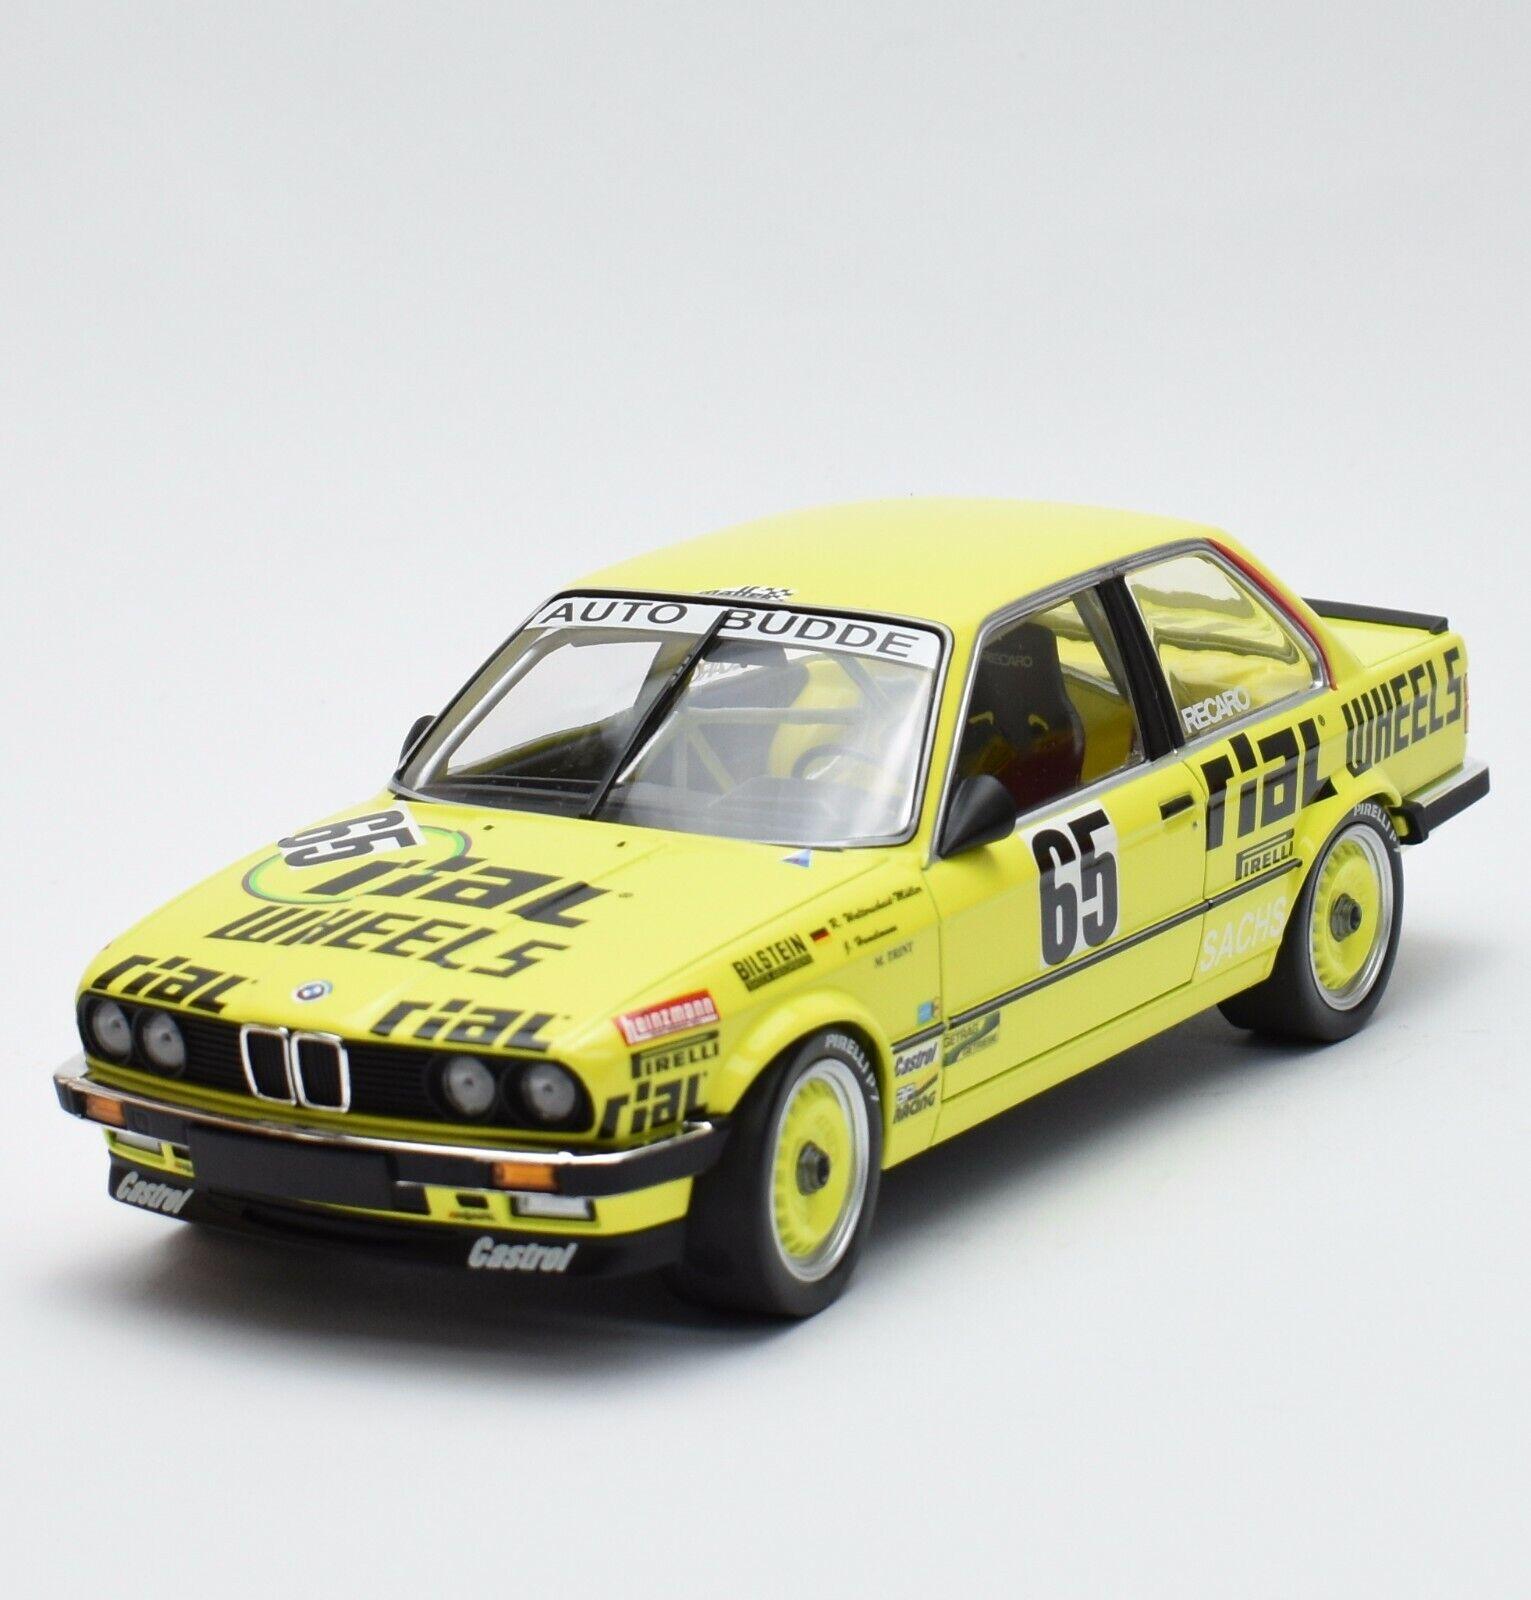 MINICHAMPS BMW 325i voiture Budde Team 24 H Nürburgring 1986, 1 18, NEUF dans sa boîte, b317